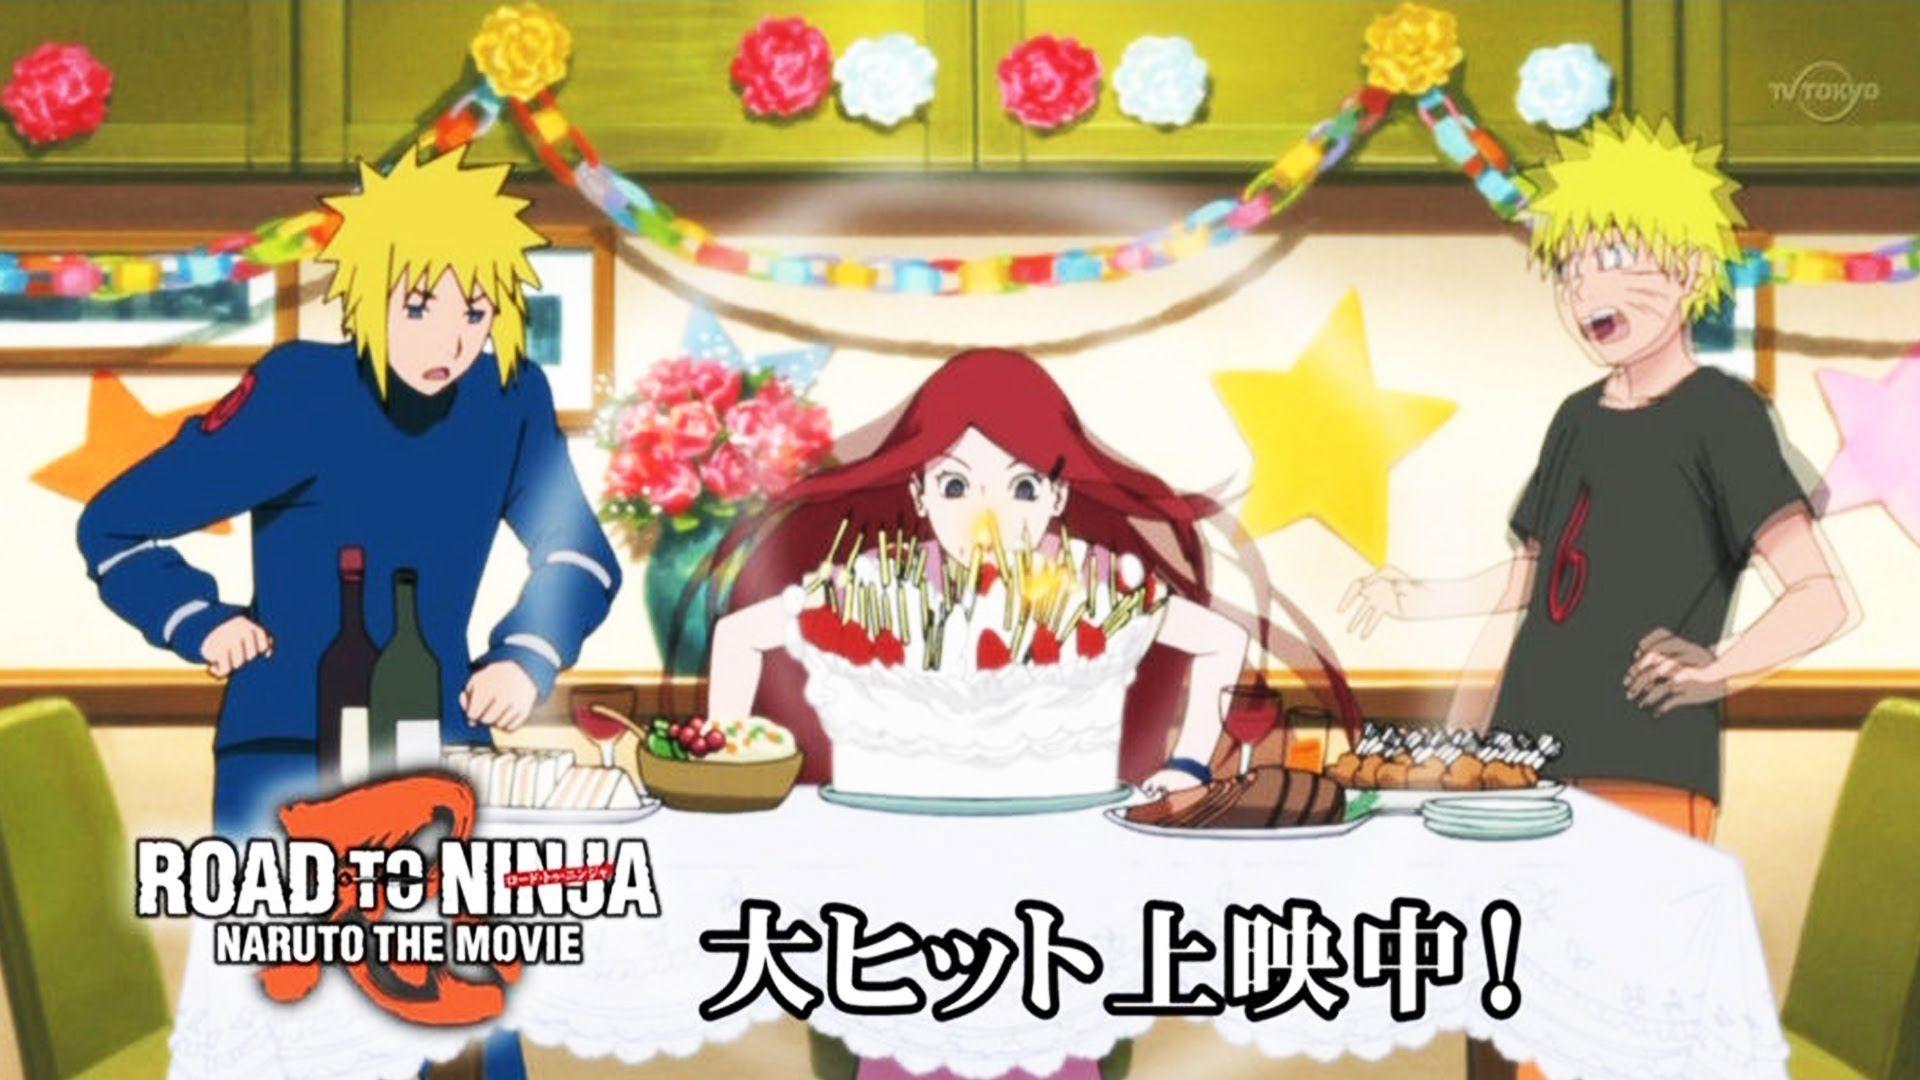 Dating Naruto